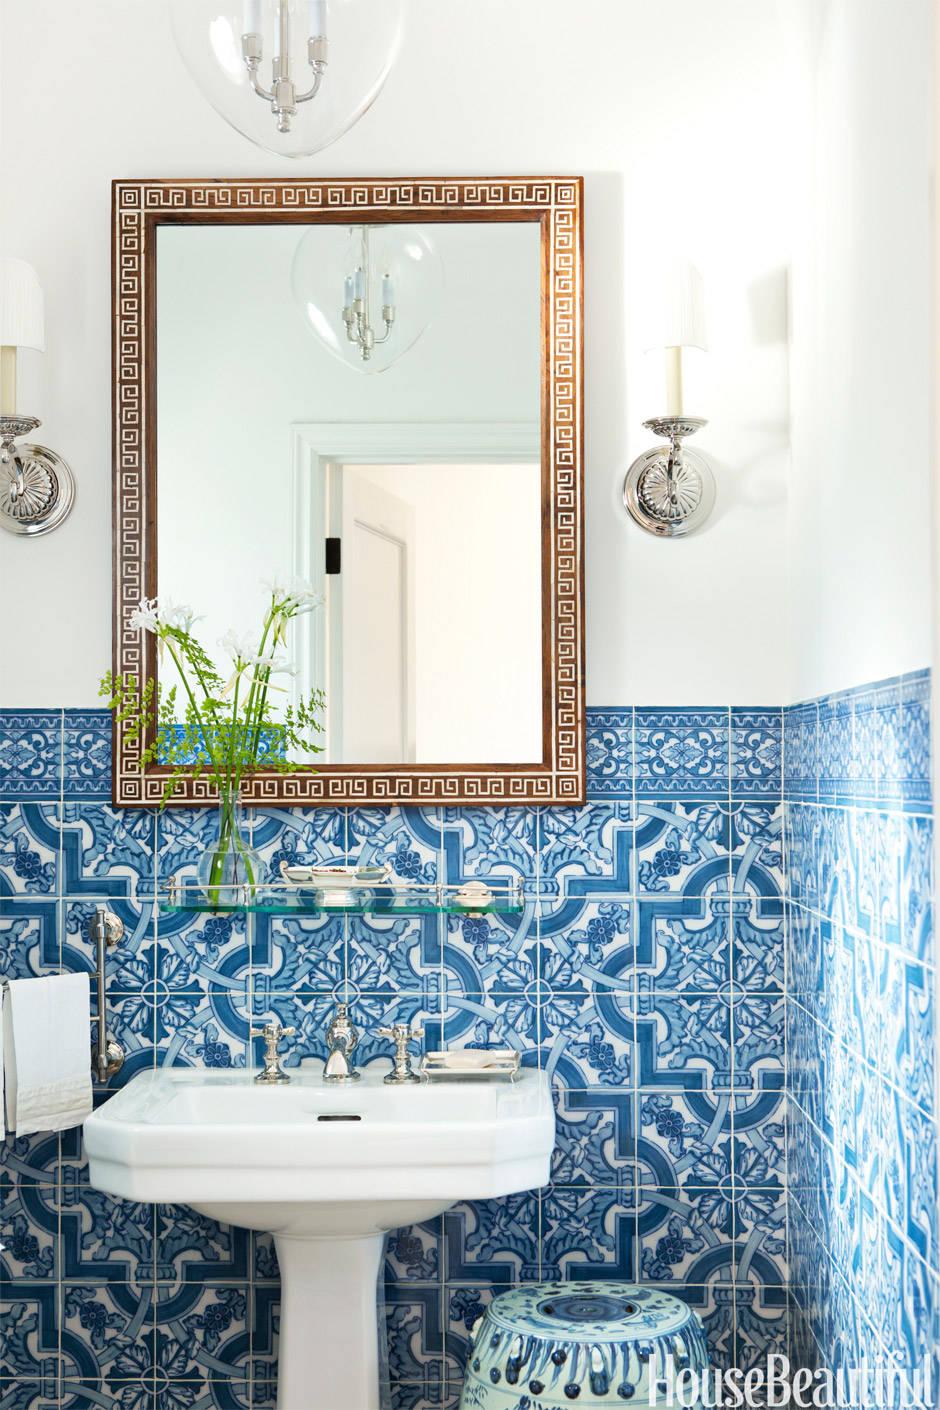 45 Bathroom Tile Design Ideas Tile Backsplash And Floor Designs For Bathrooms